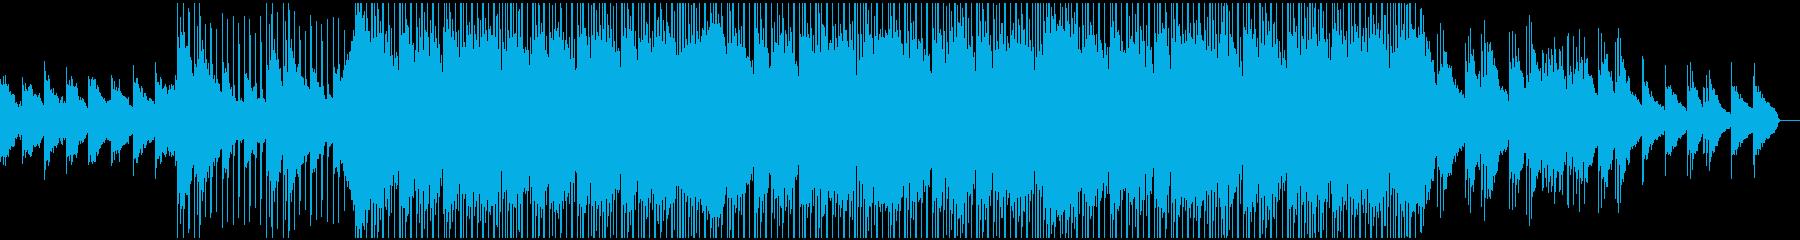 キラキラした明るく透明感のある曲の再生済みの波形